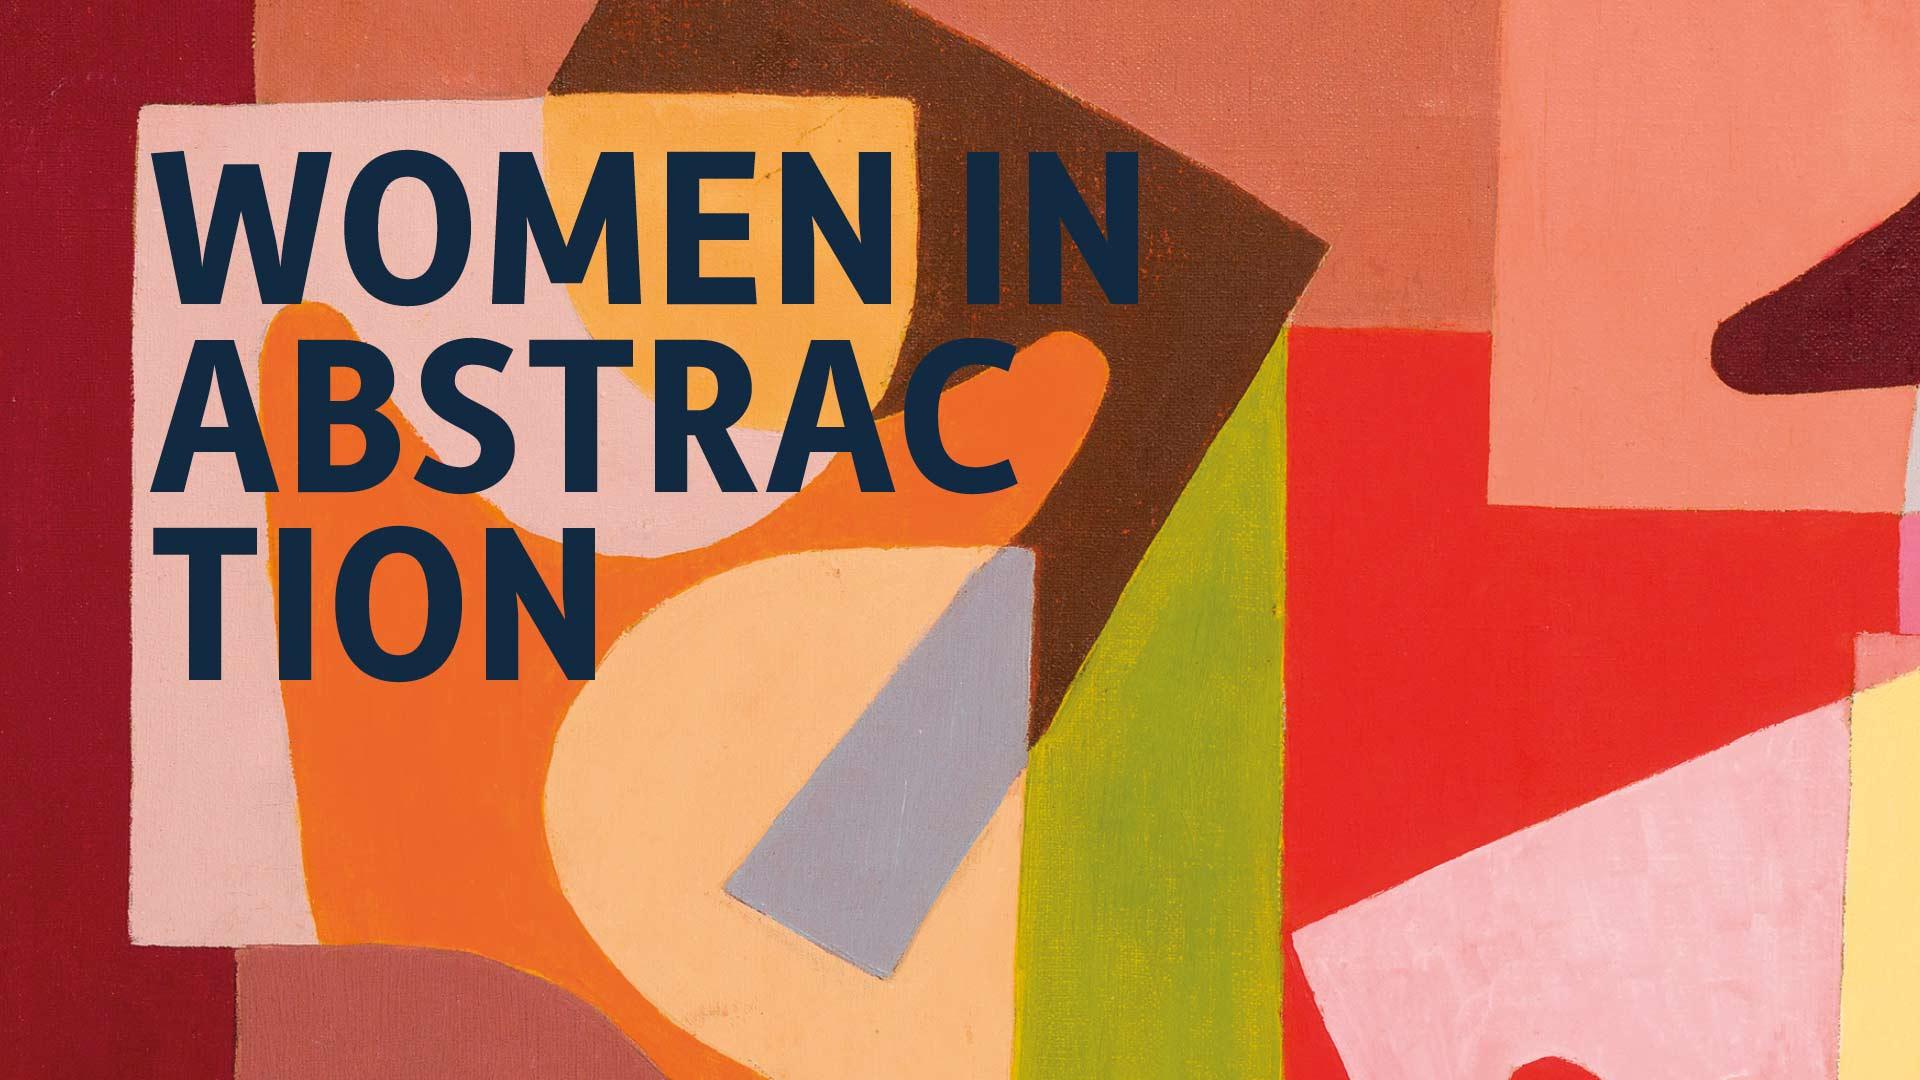 Mujeres de la abstracción